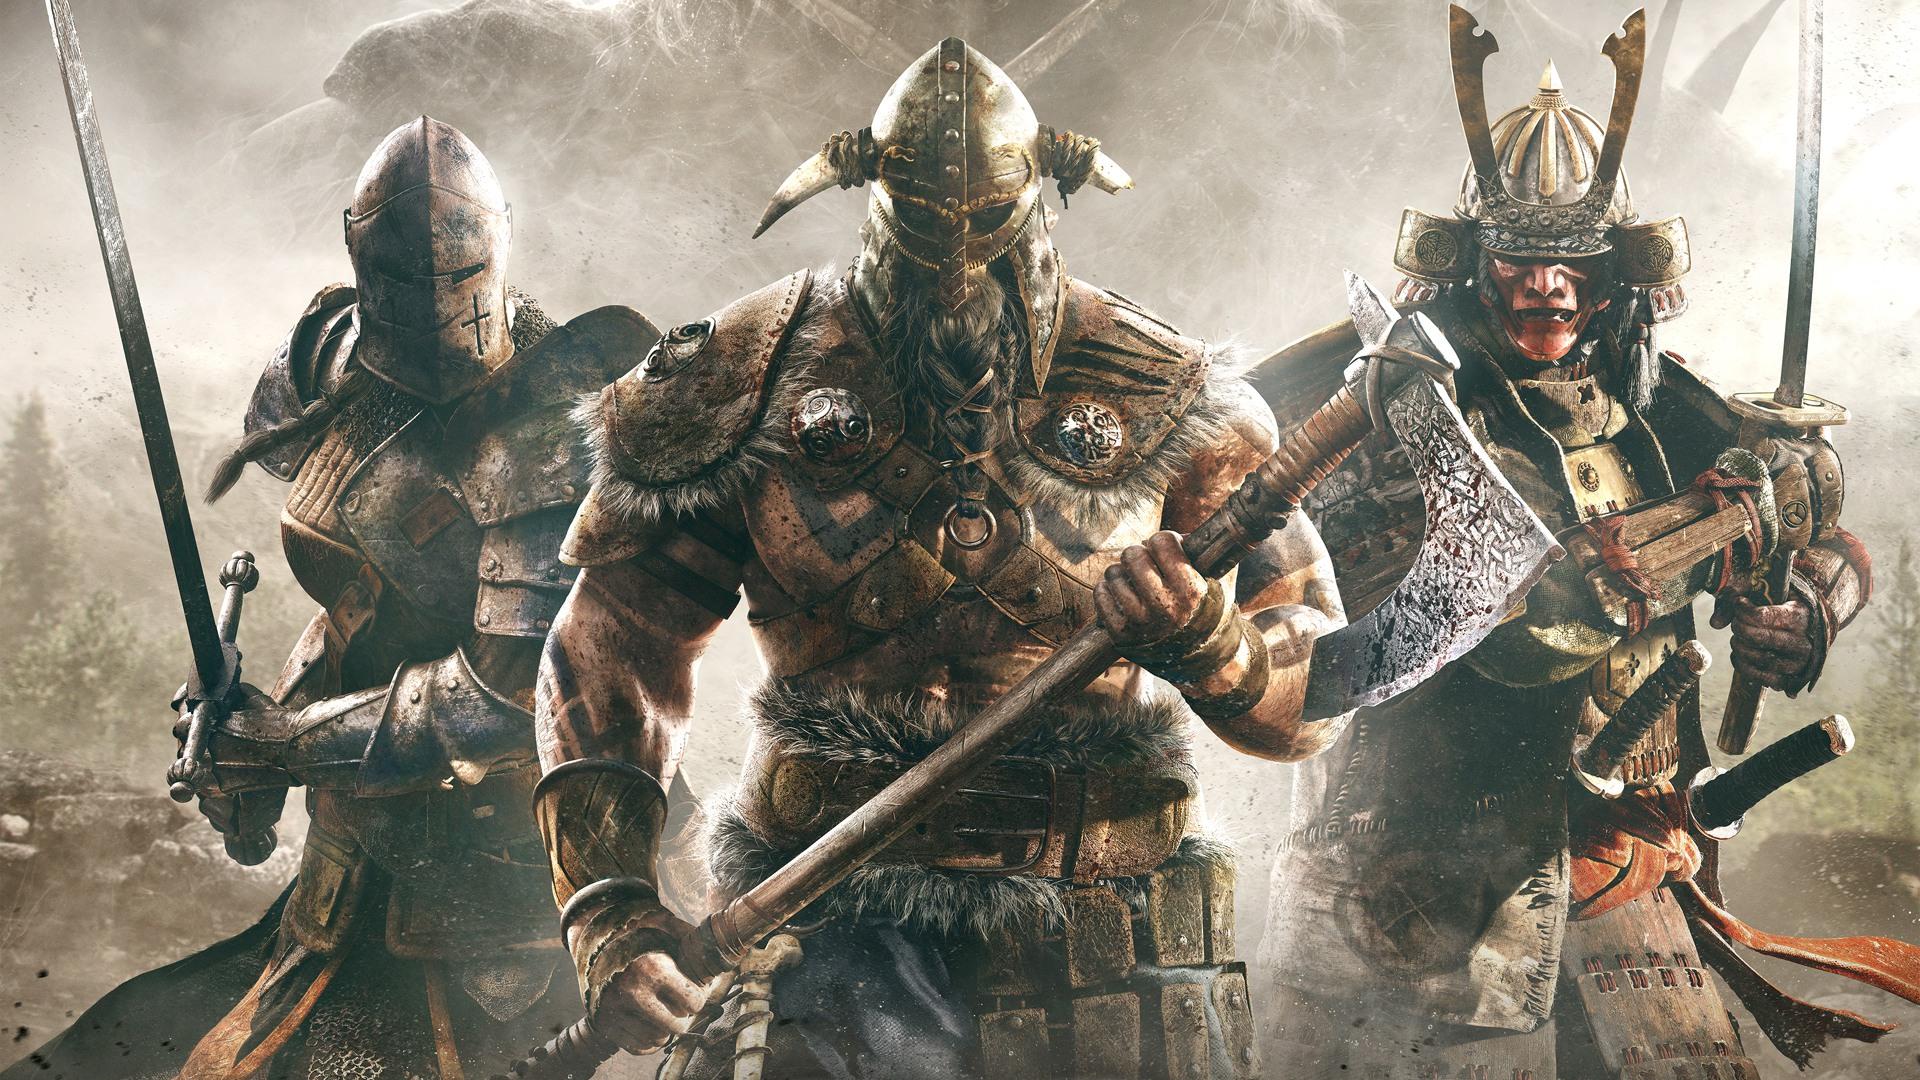 узнать, как картинки викингов рыцарей могу оставить